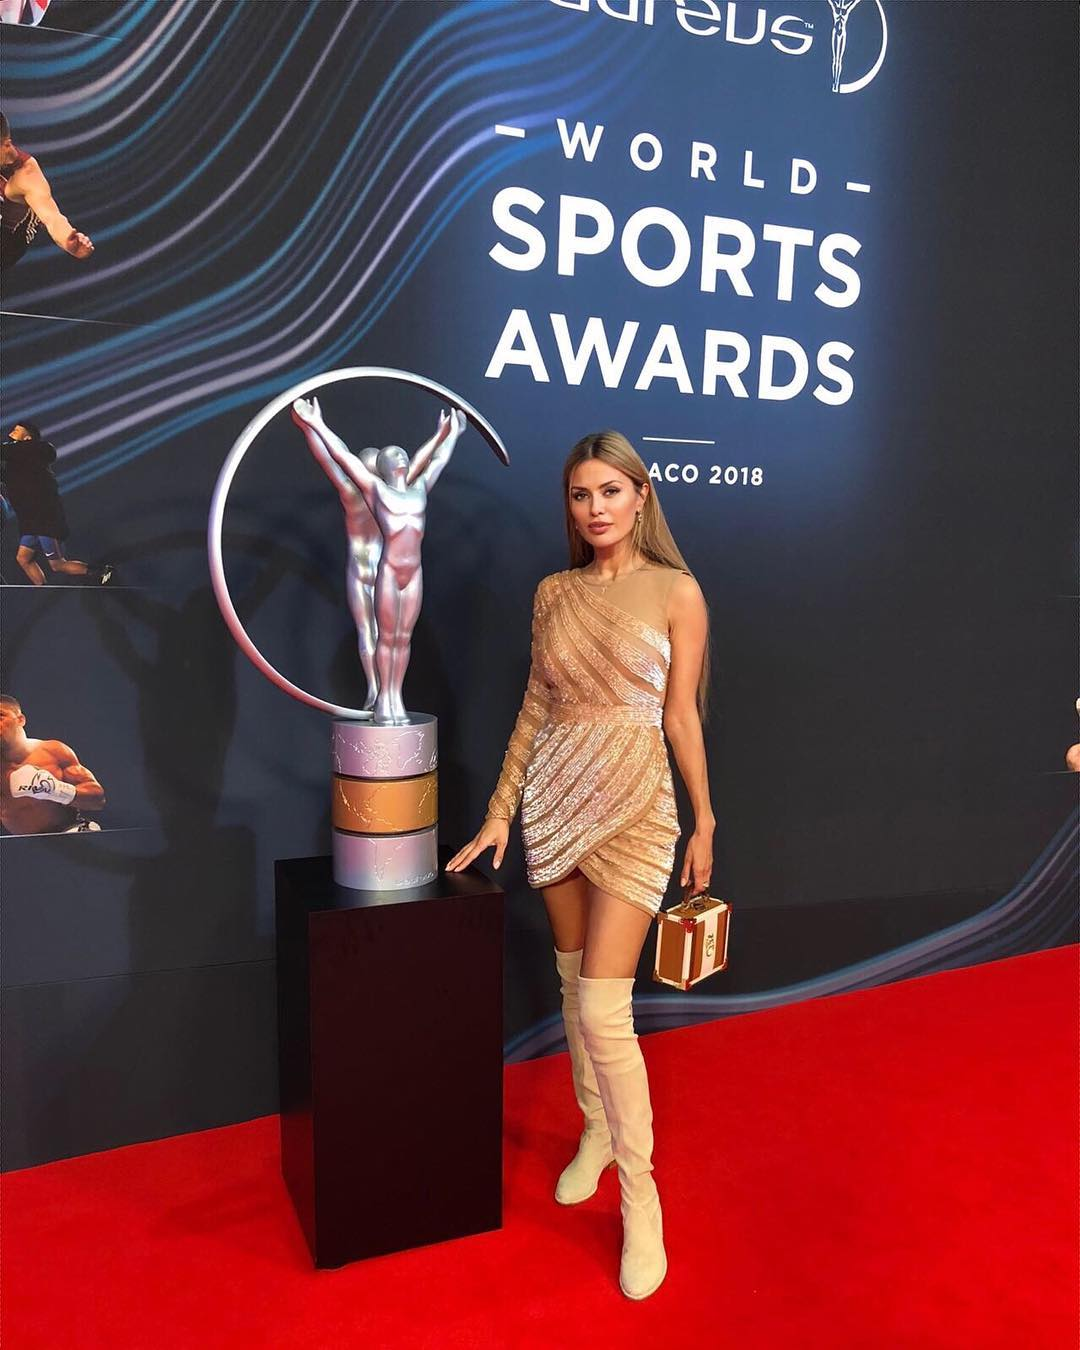 Неуместный образ — для спортивного мероприятия: Викторию Боню раскритиковали в соцсетях